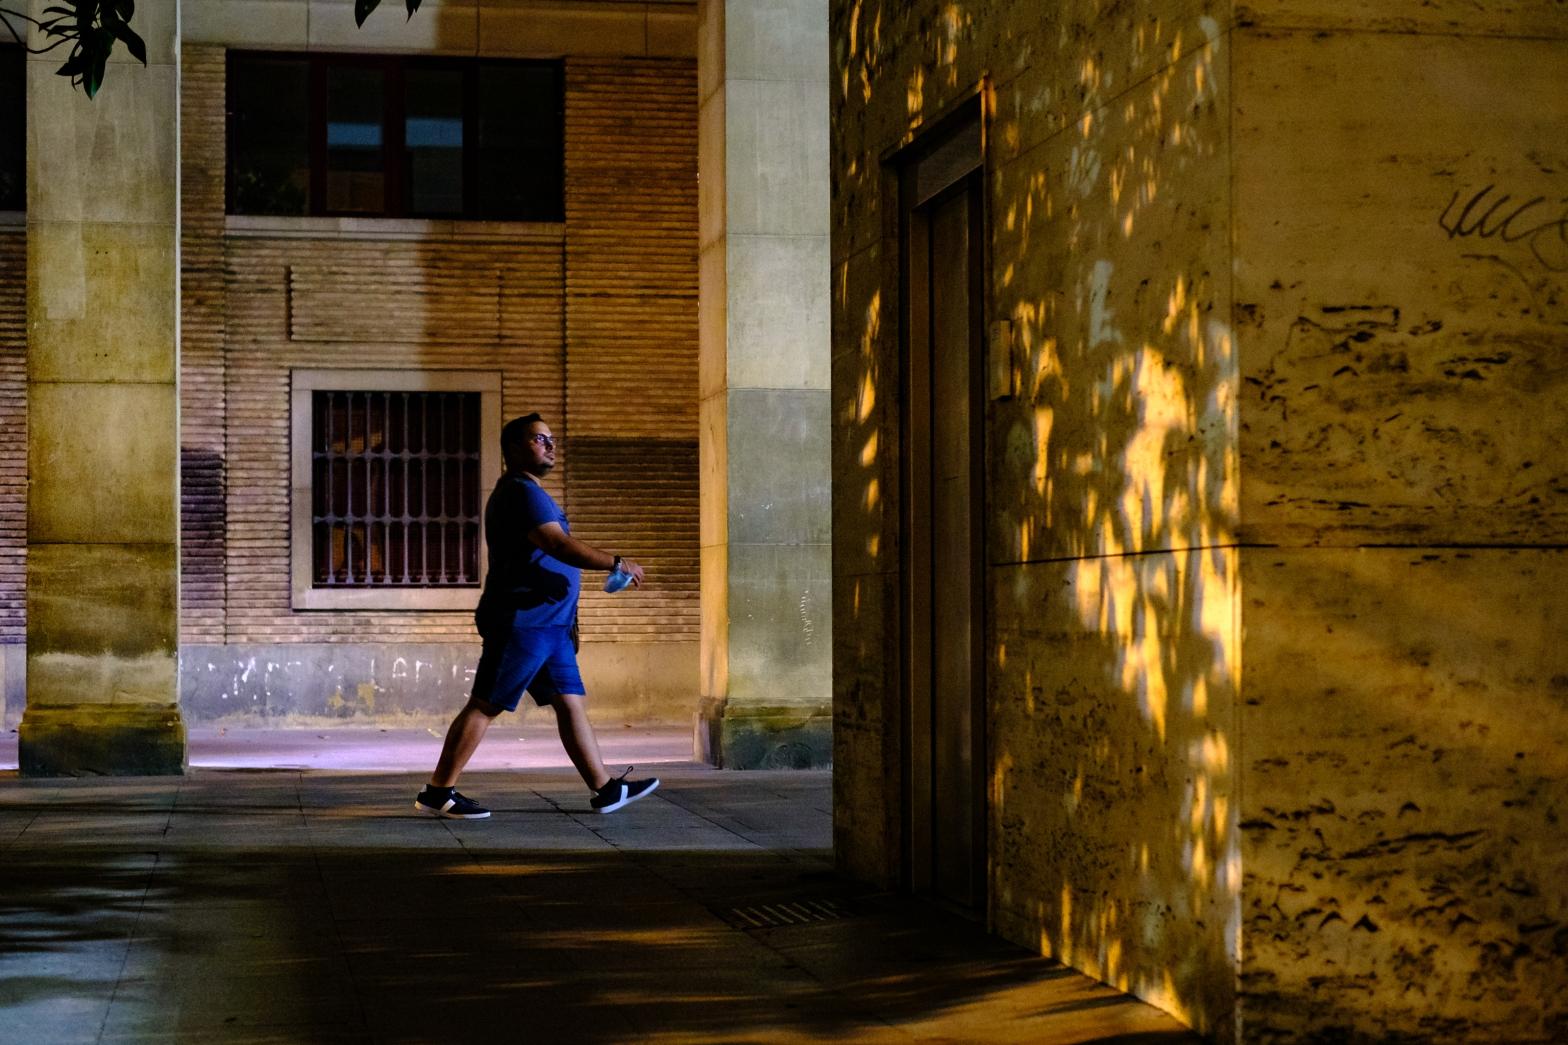 Taller de fotografia de calle nocturna en zaragoza con rober tomas